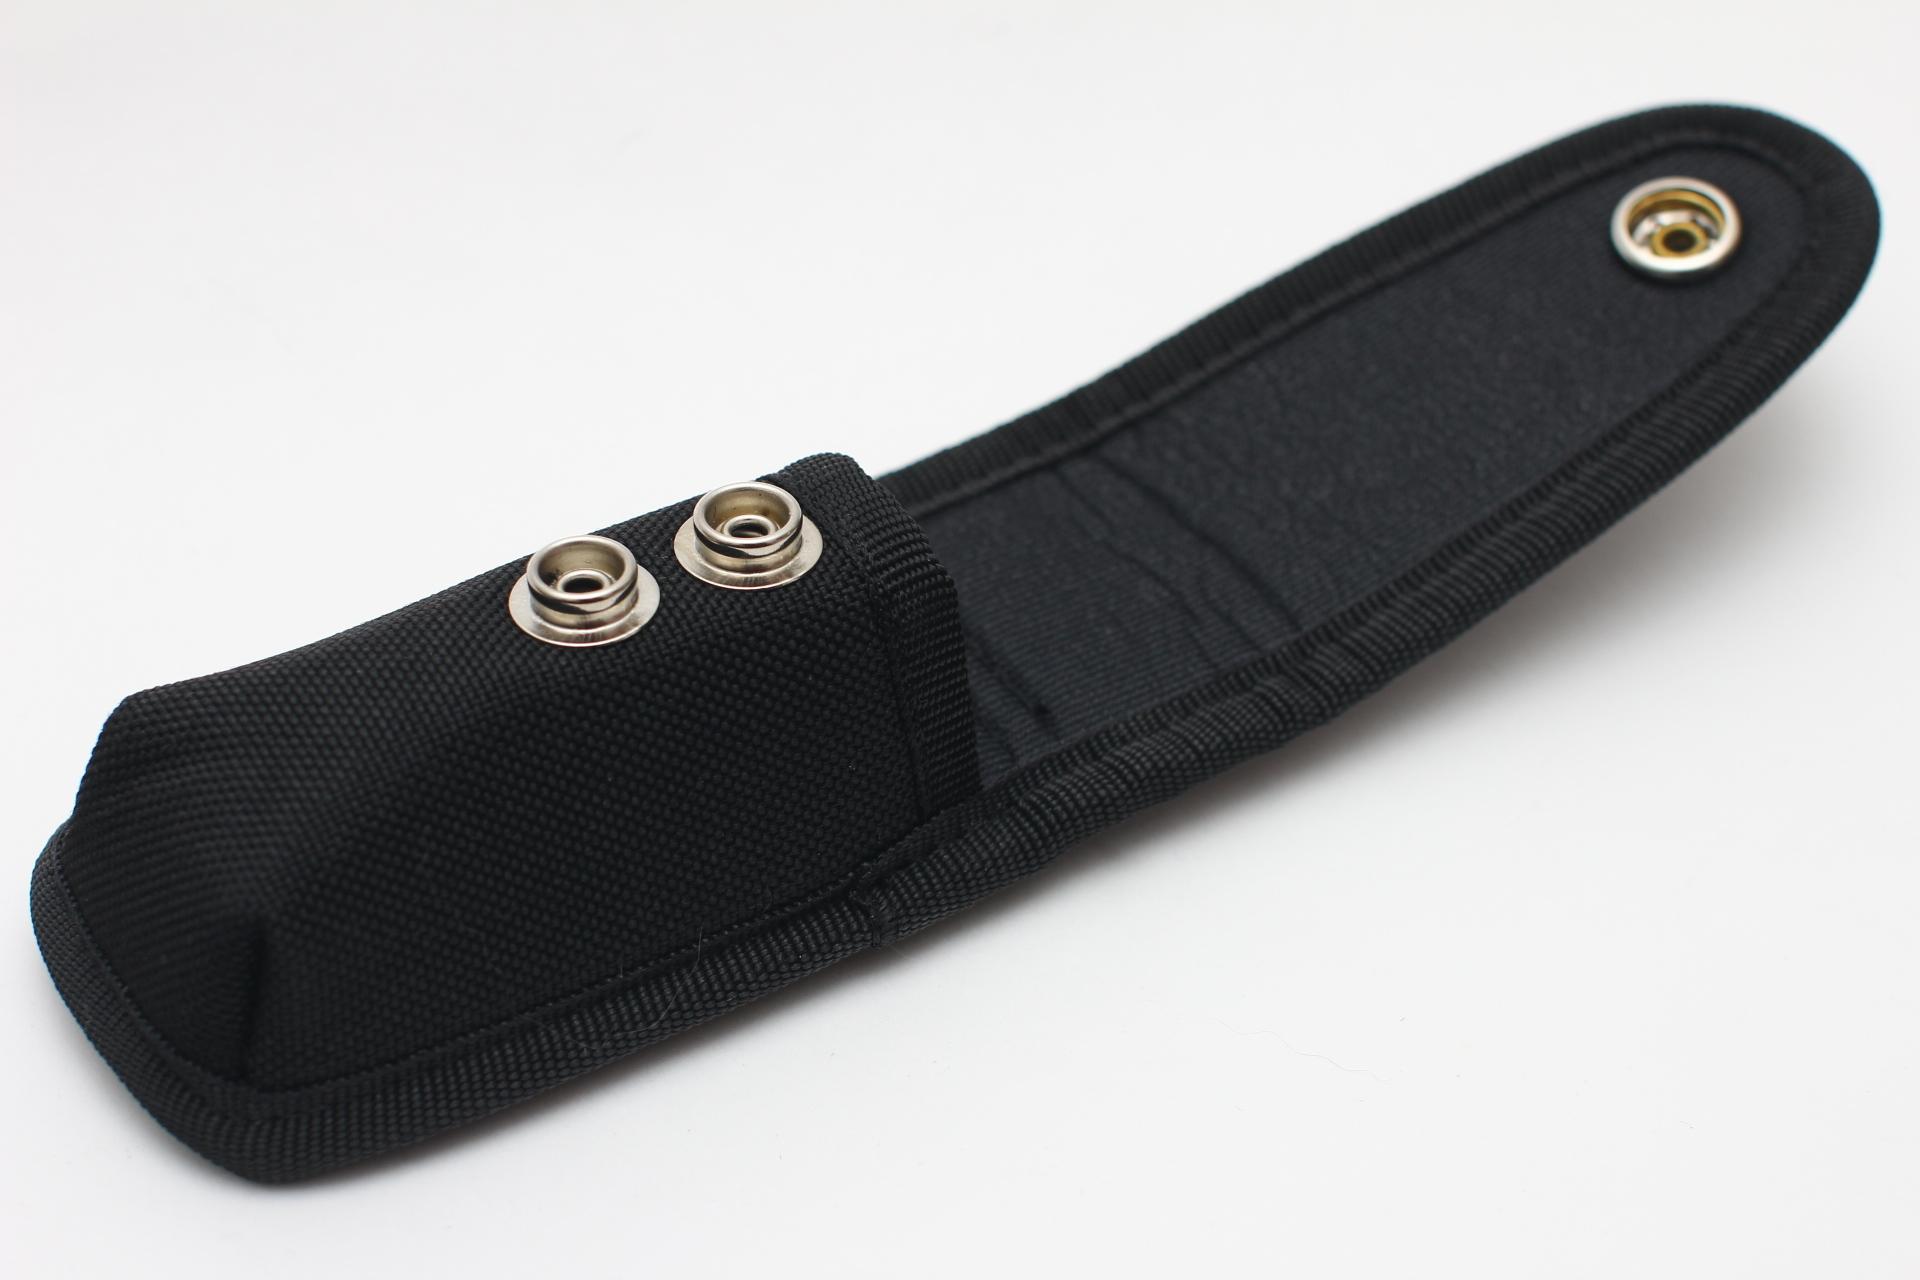 Чехол нейлоновый черный для ножа или мультитула